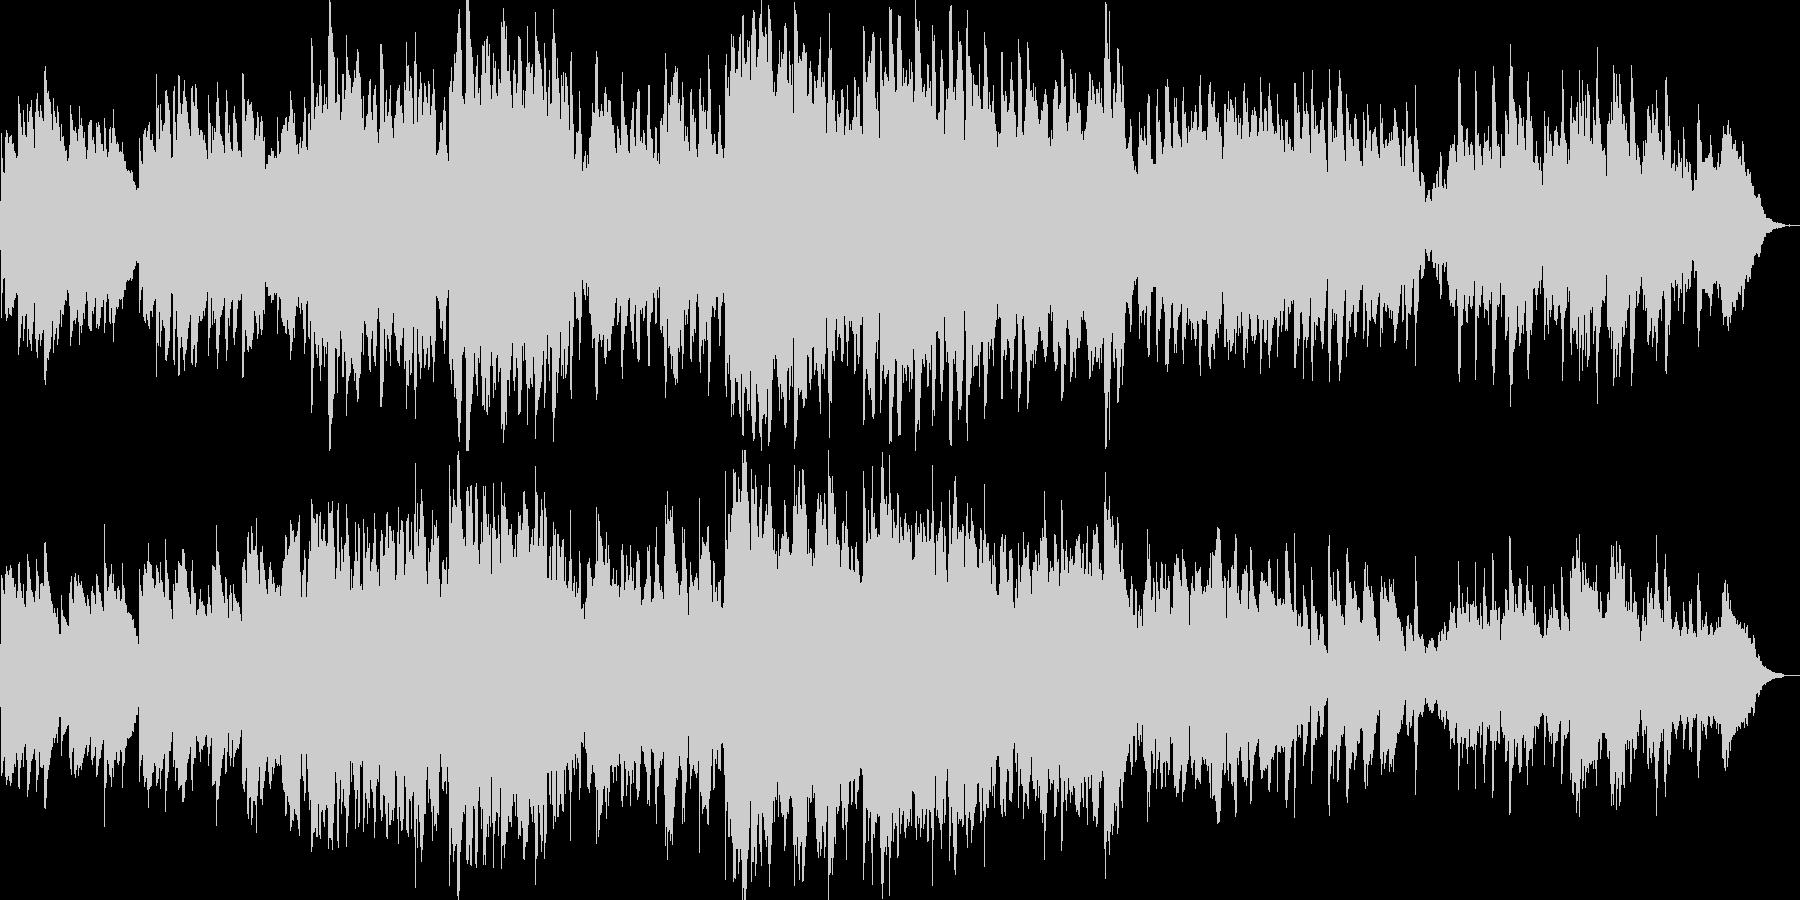 可愛らしい音色のゆったりリラクゼーションの未再生の波形